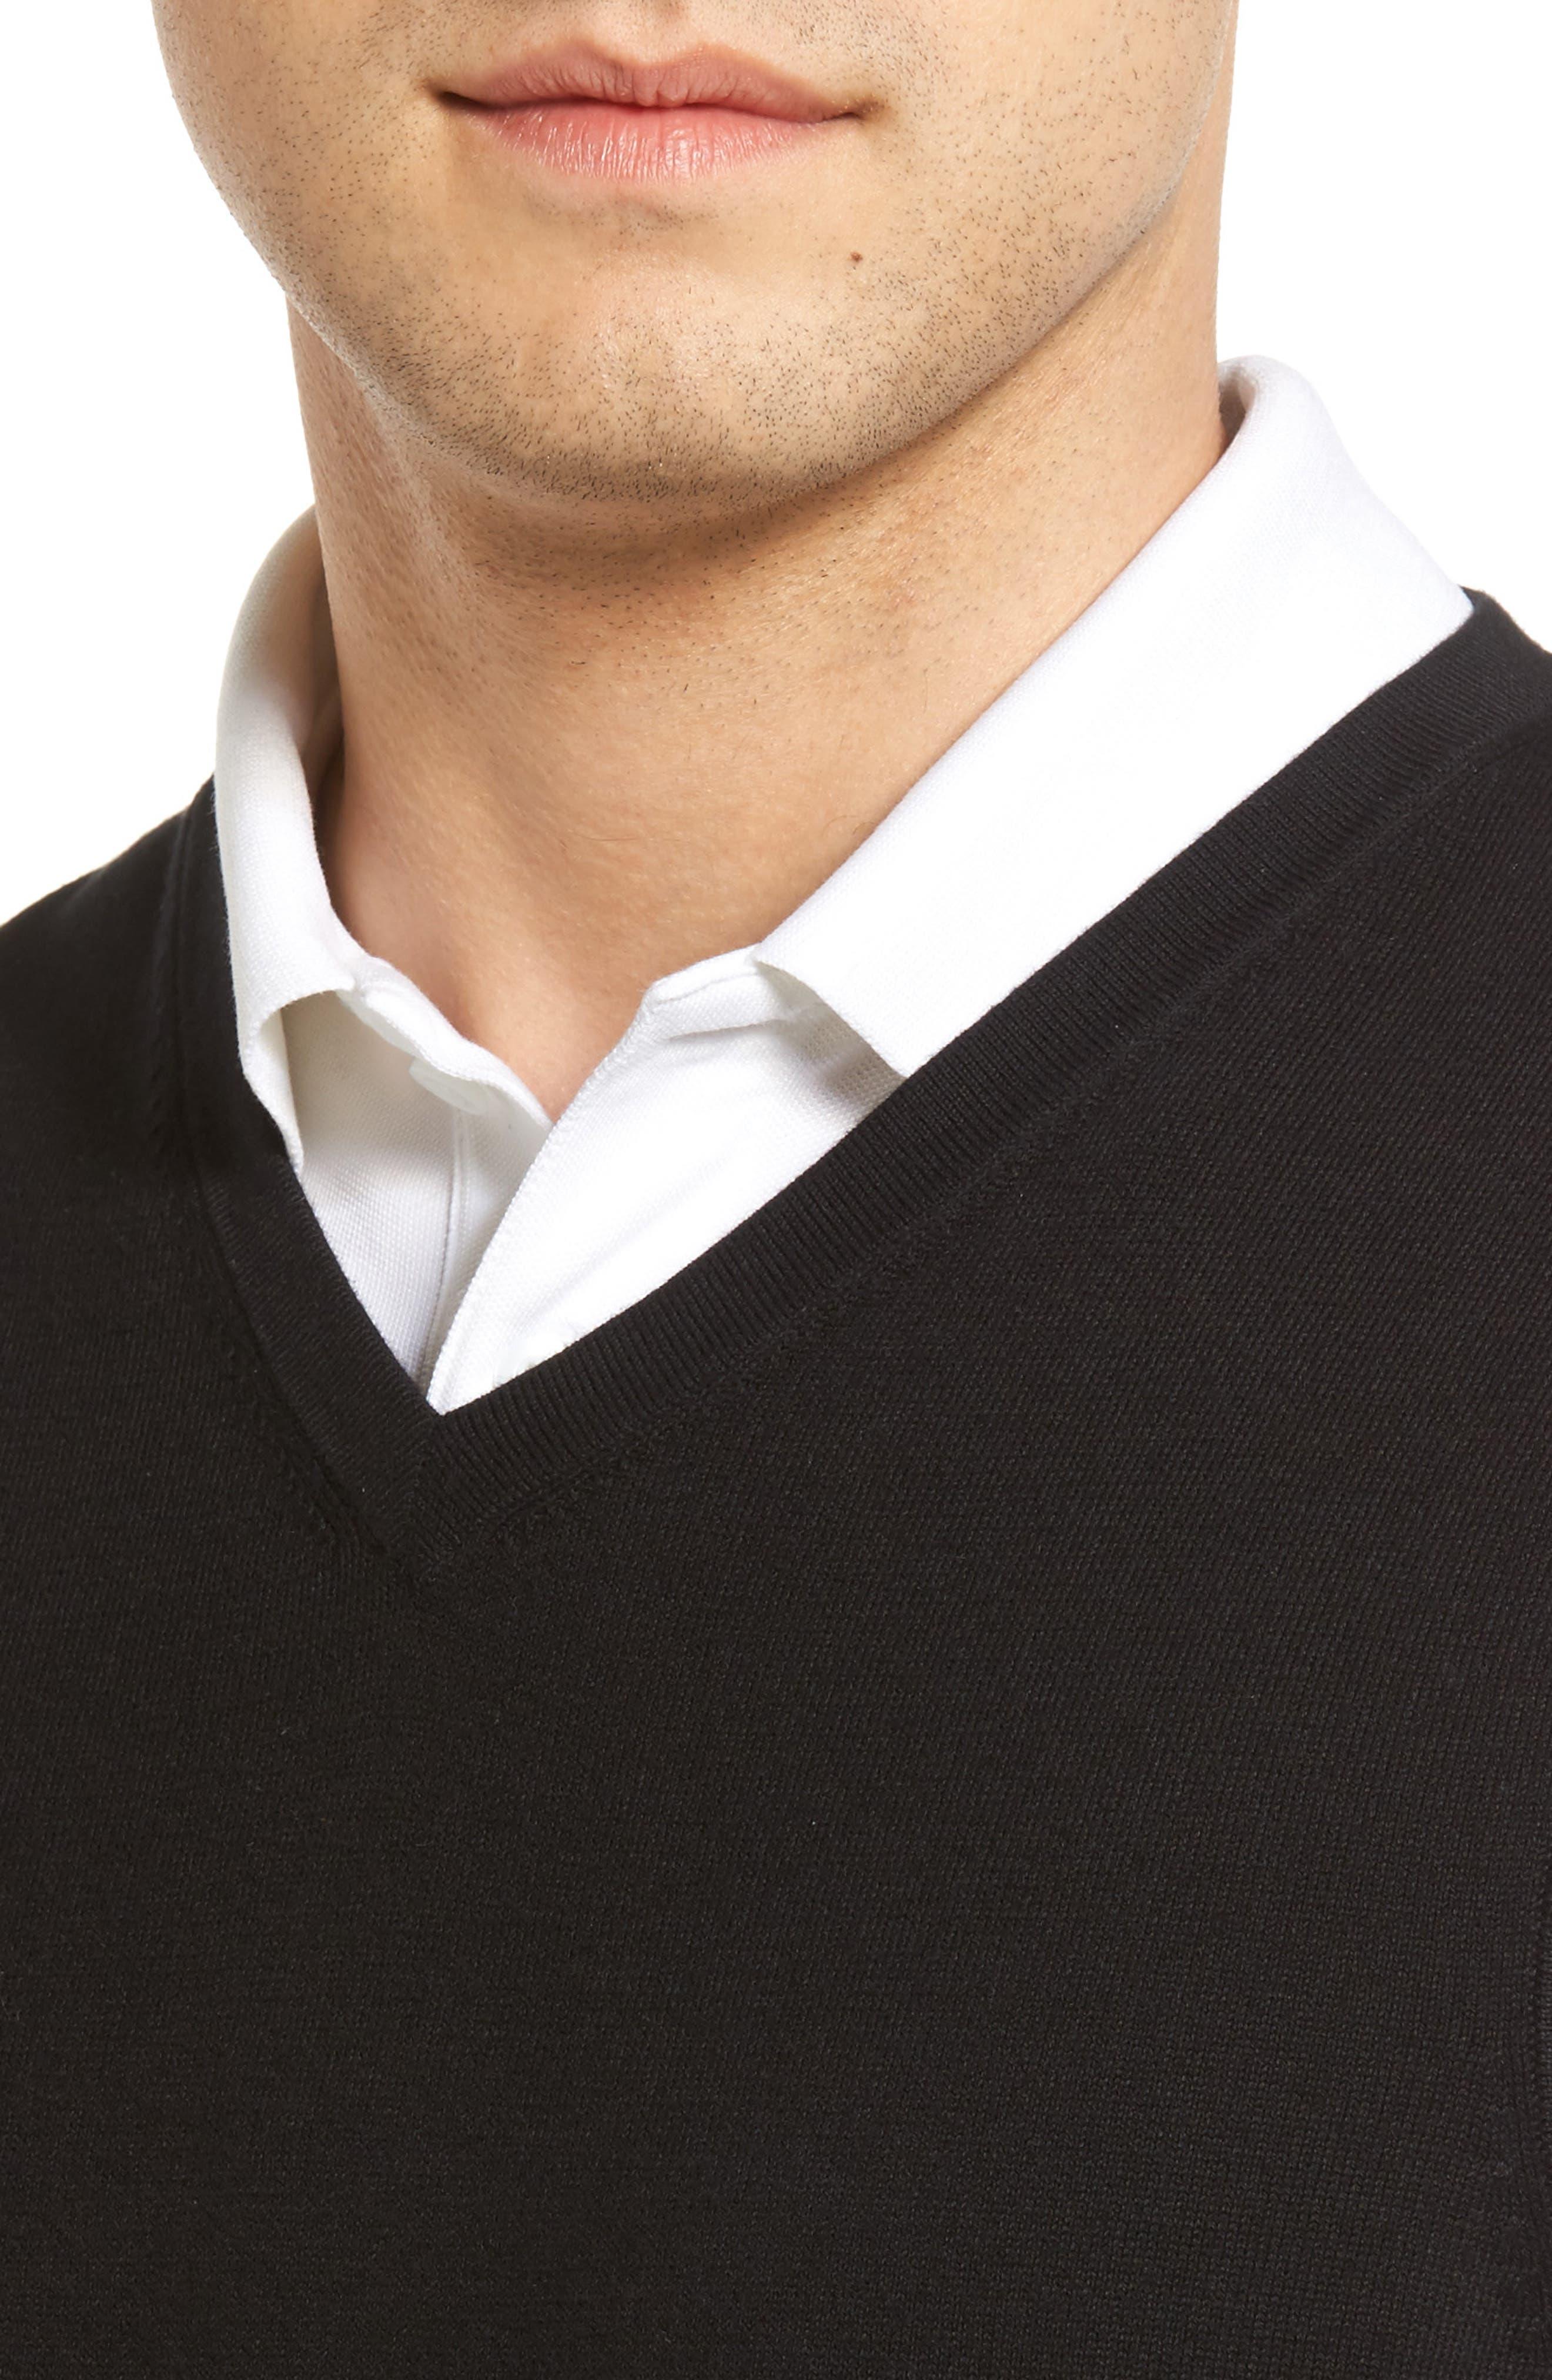 Lakemont V-Neck Sweater Vest,                             Alternate thumbnail 4, color,                             BLACK